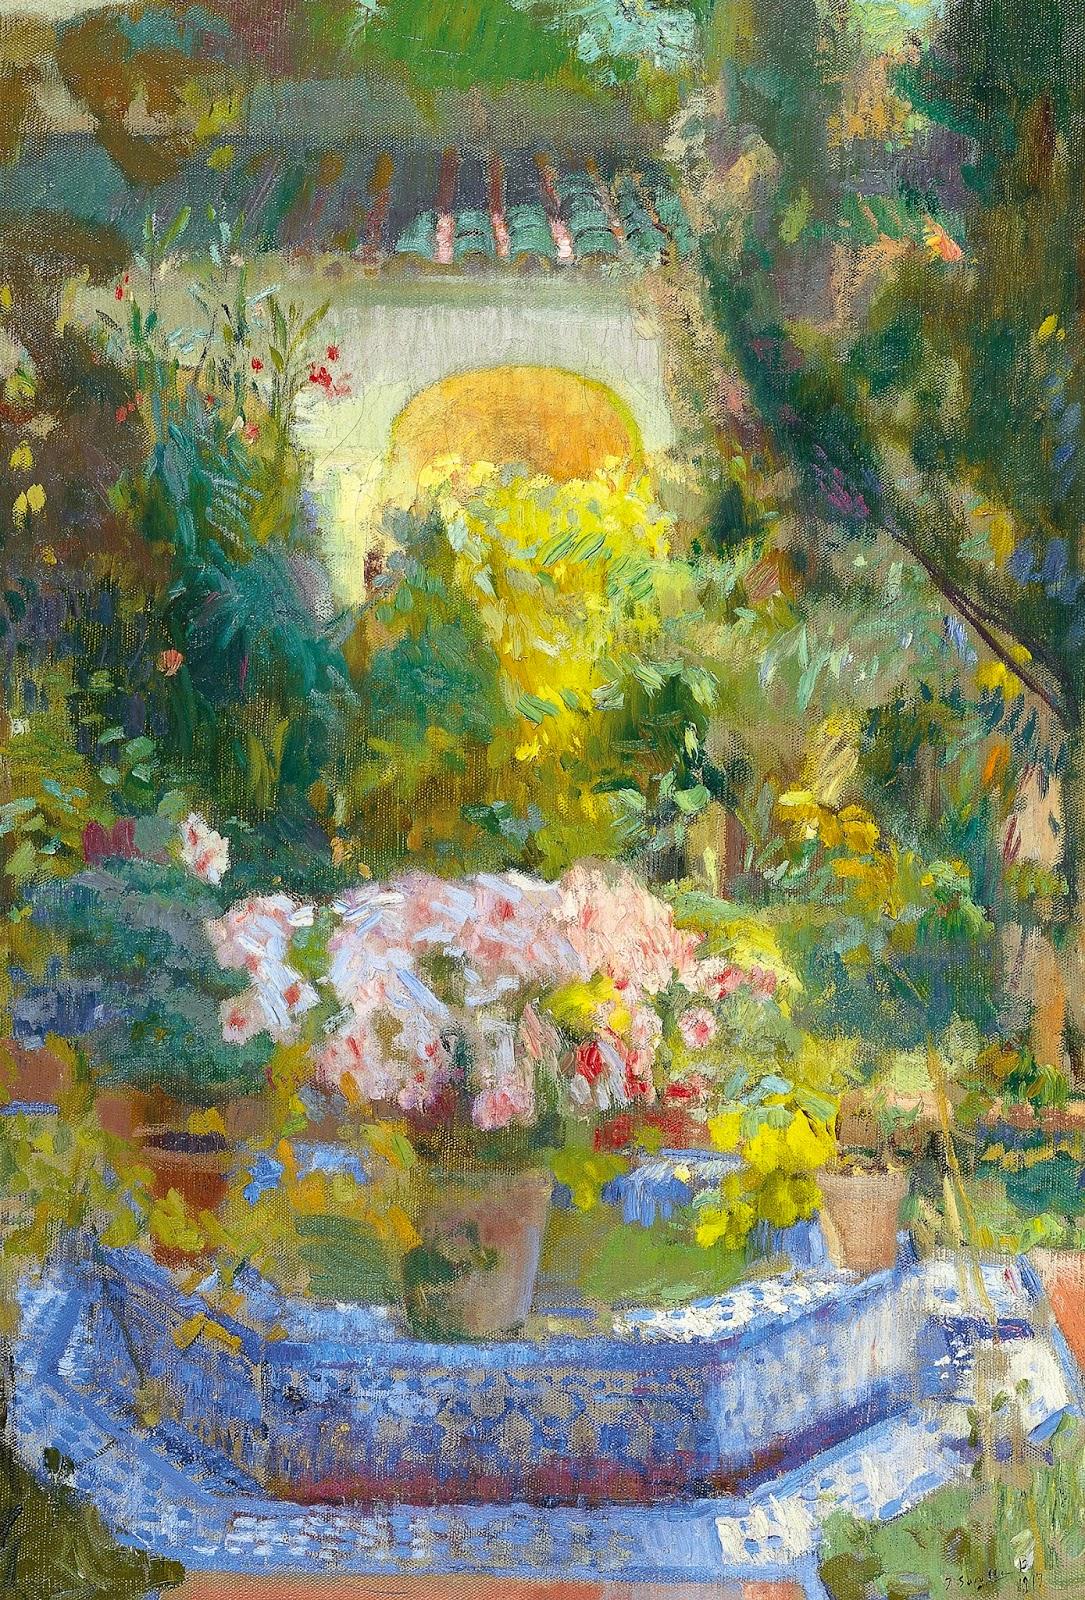 Pinturas impresionistas modernistas y neoimpresionistas - La casa del cuadro ...